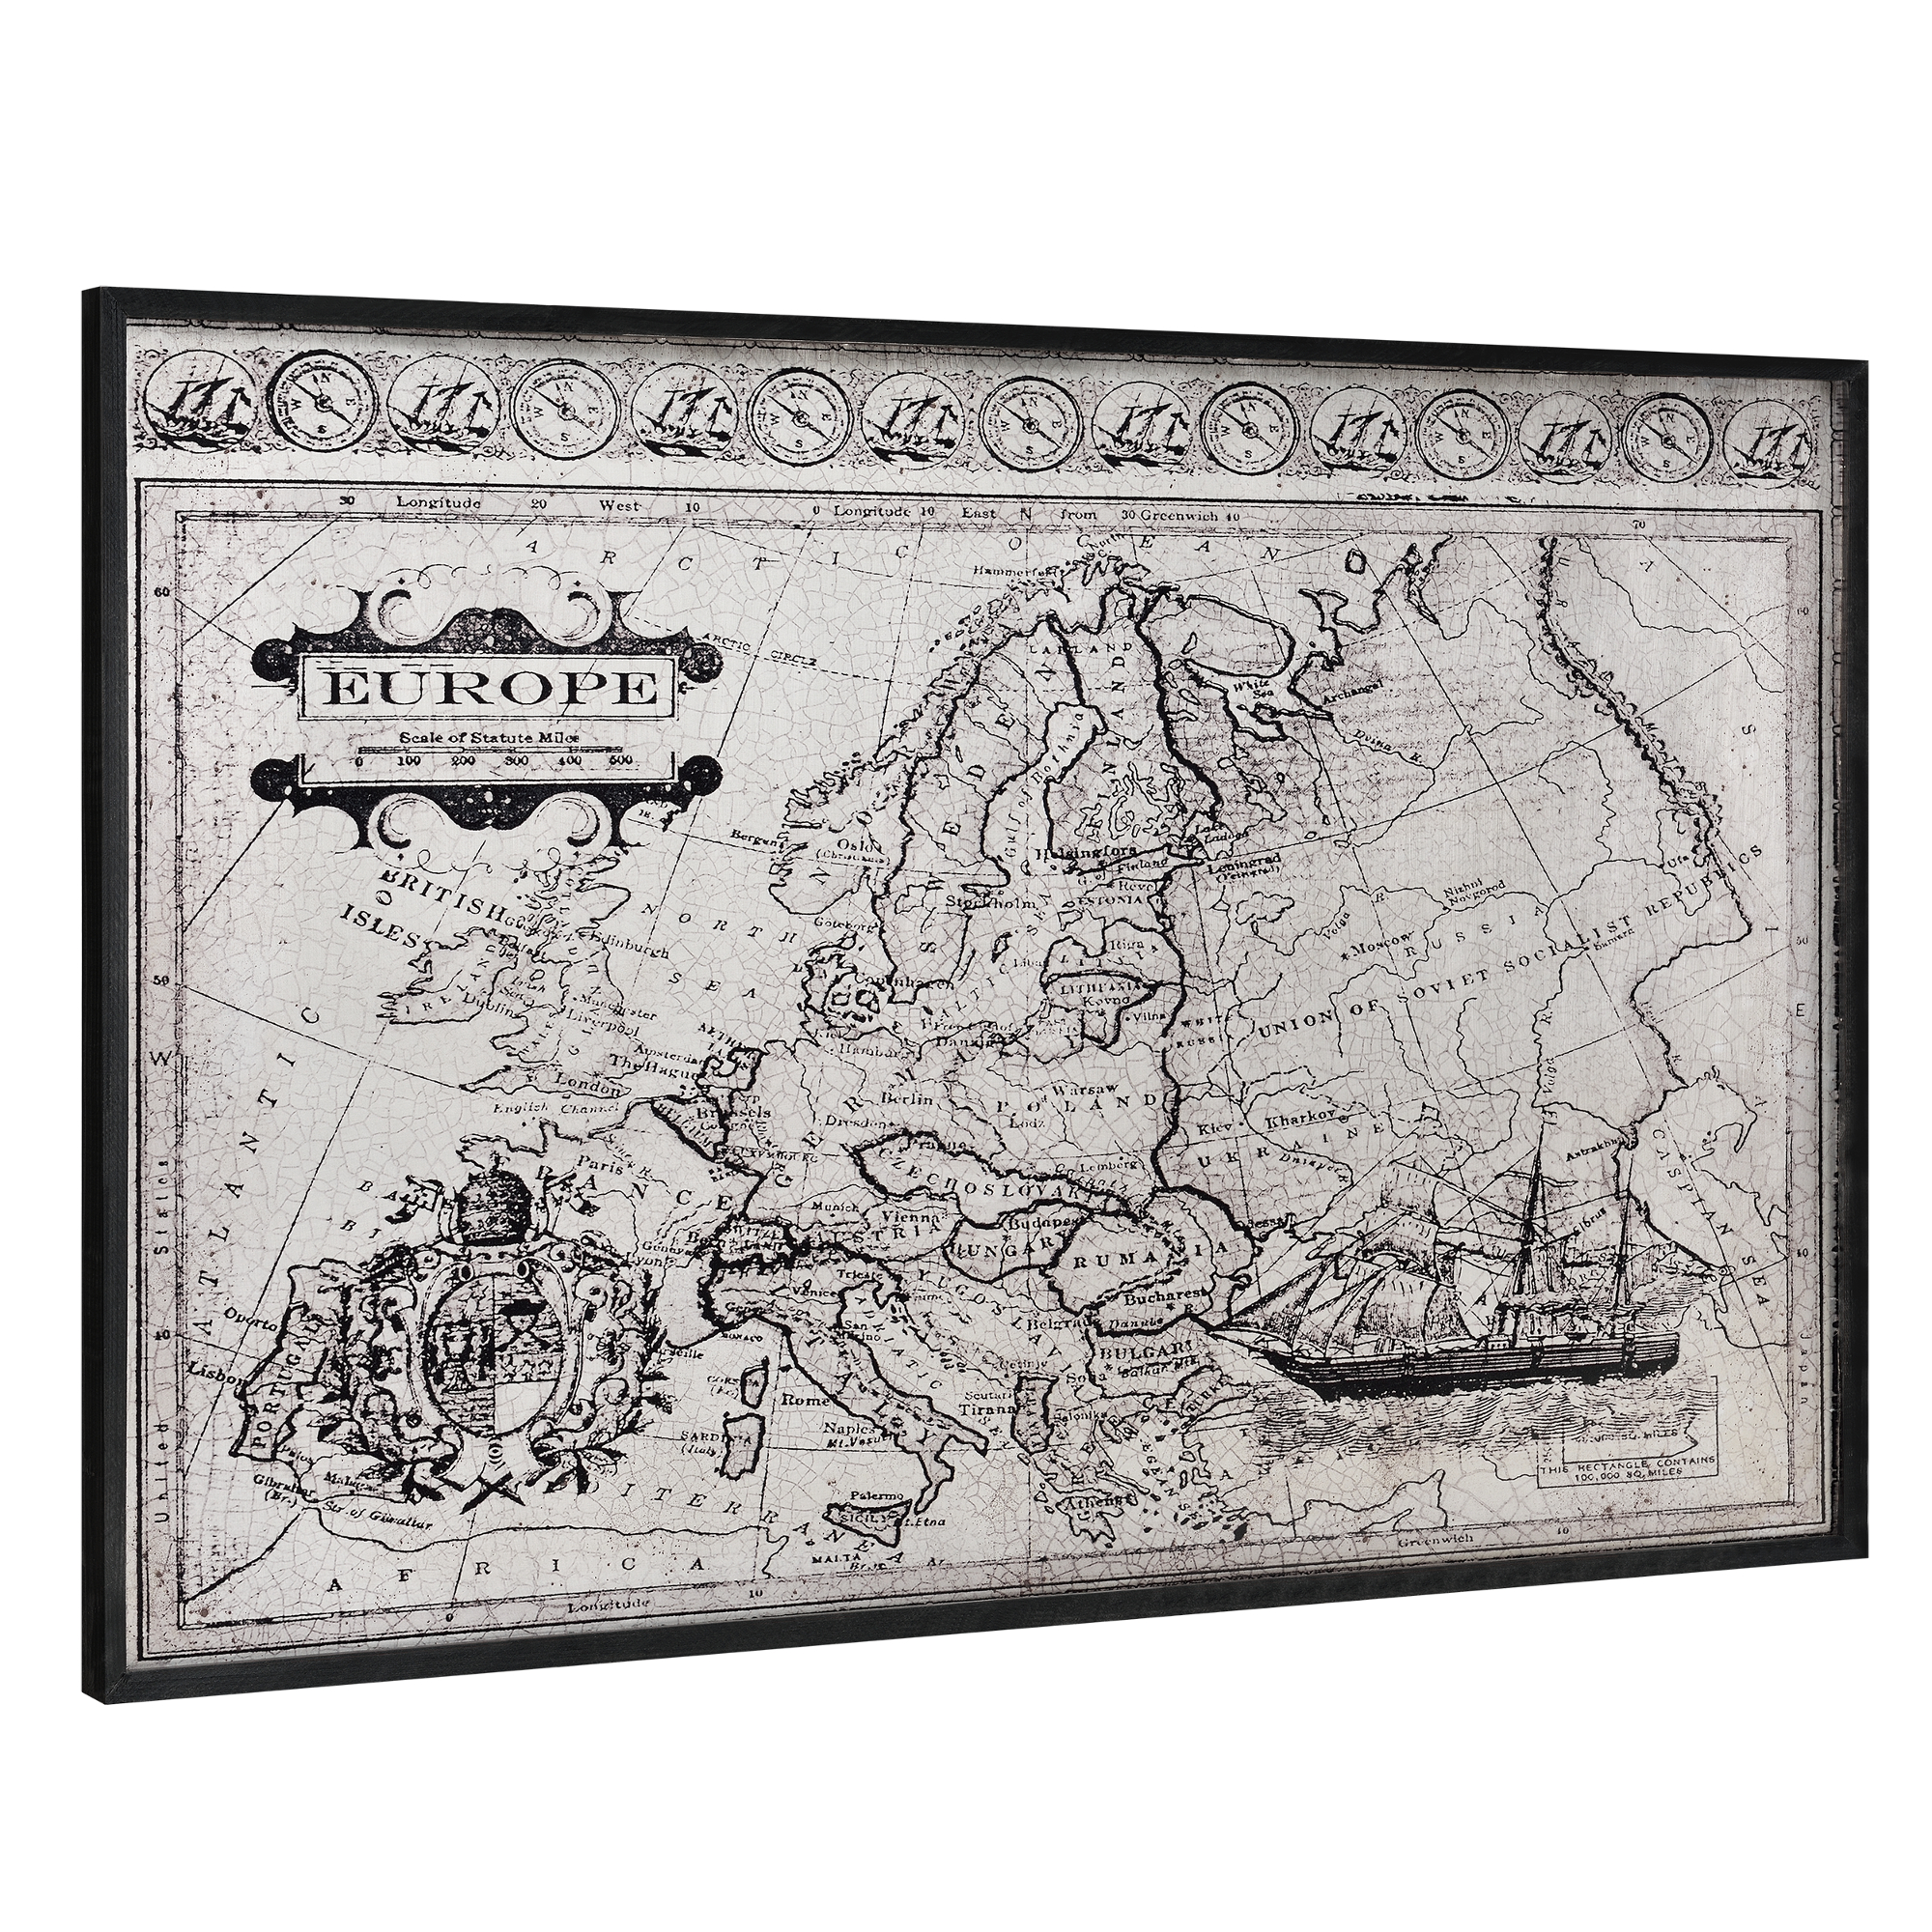 [art.work] Designový obraz na stěnu - hliníková deska - mapa Evropy - zarámovaný - 80x120x3,8 cm